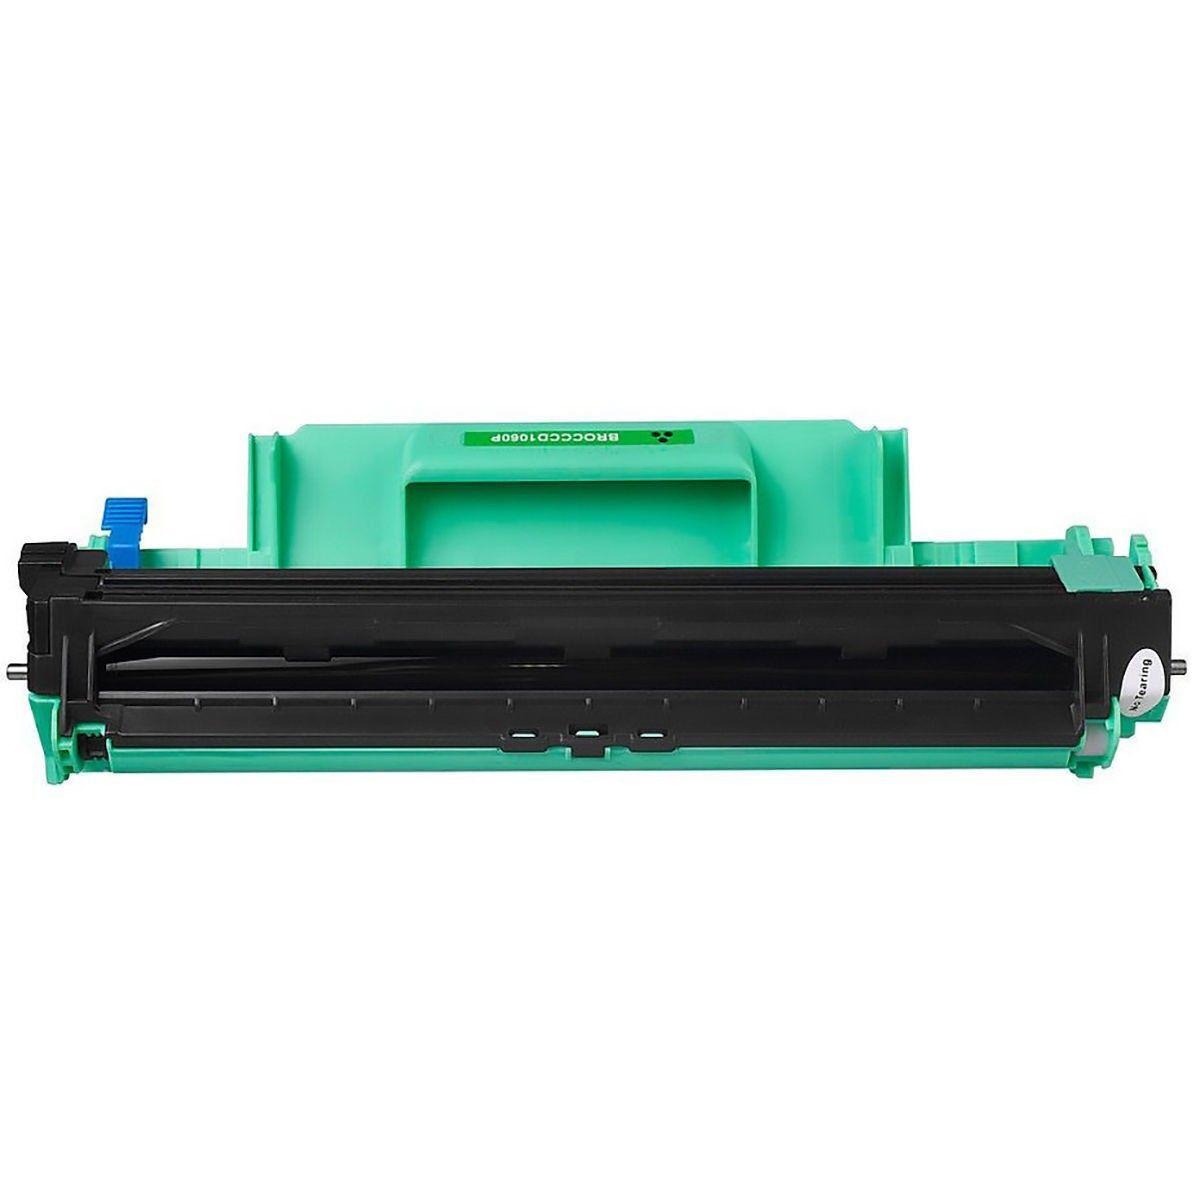 Compatível: Fotocondutor DR1060 para Brother DCP-1617 1512 1602 HL-1112 1212 1110 1212W MFC-1810 1815 1810E / 10.000